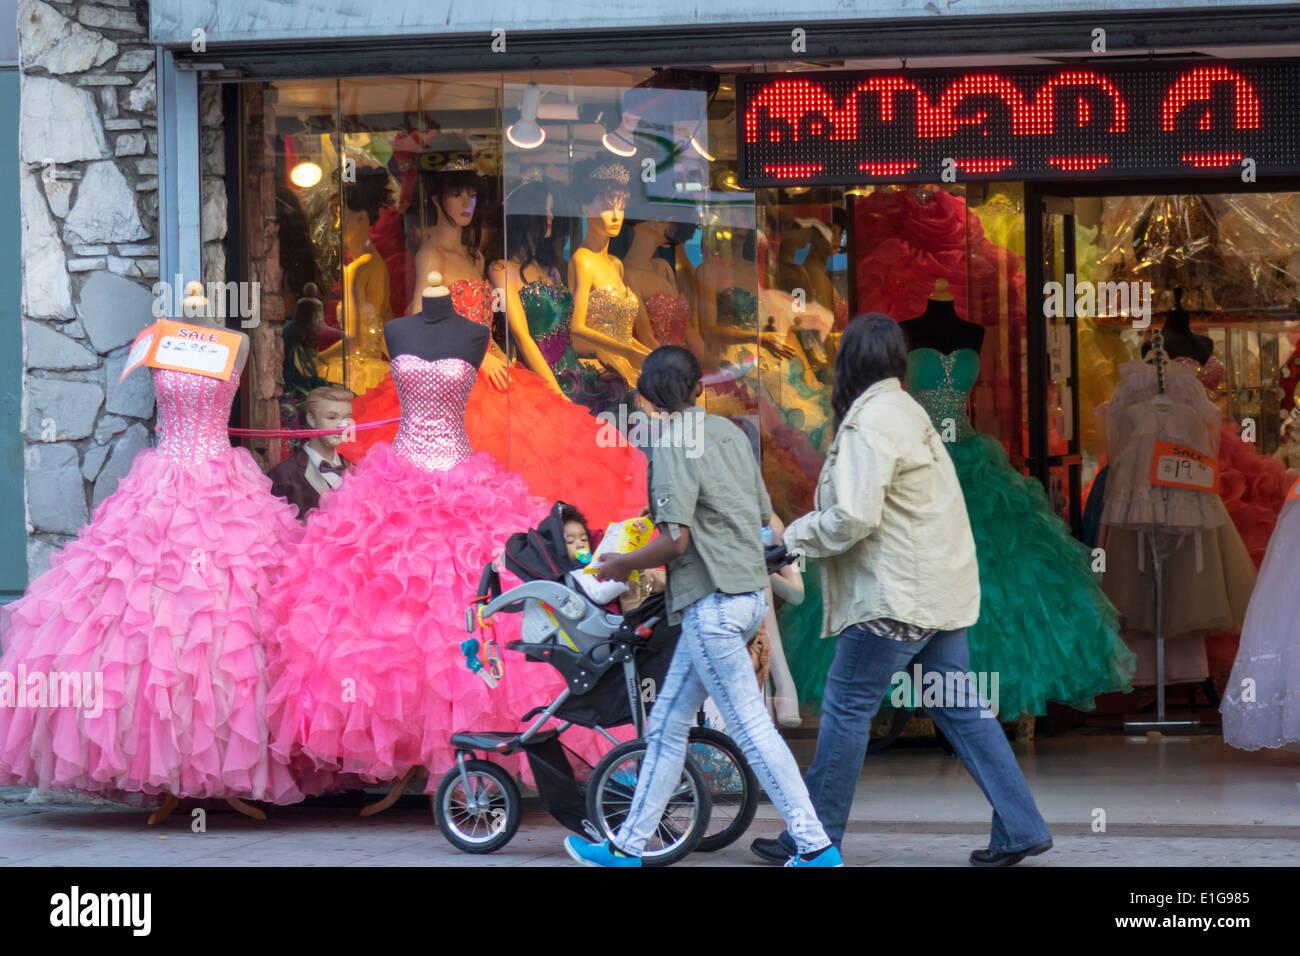 9f1e623390 Los Angeles CA California L.A. El centro expositor de escaparate de tienda  de compras de negocios maniqui Quinceañera Quinceañera vestido de fiesta  vestido ...